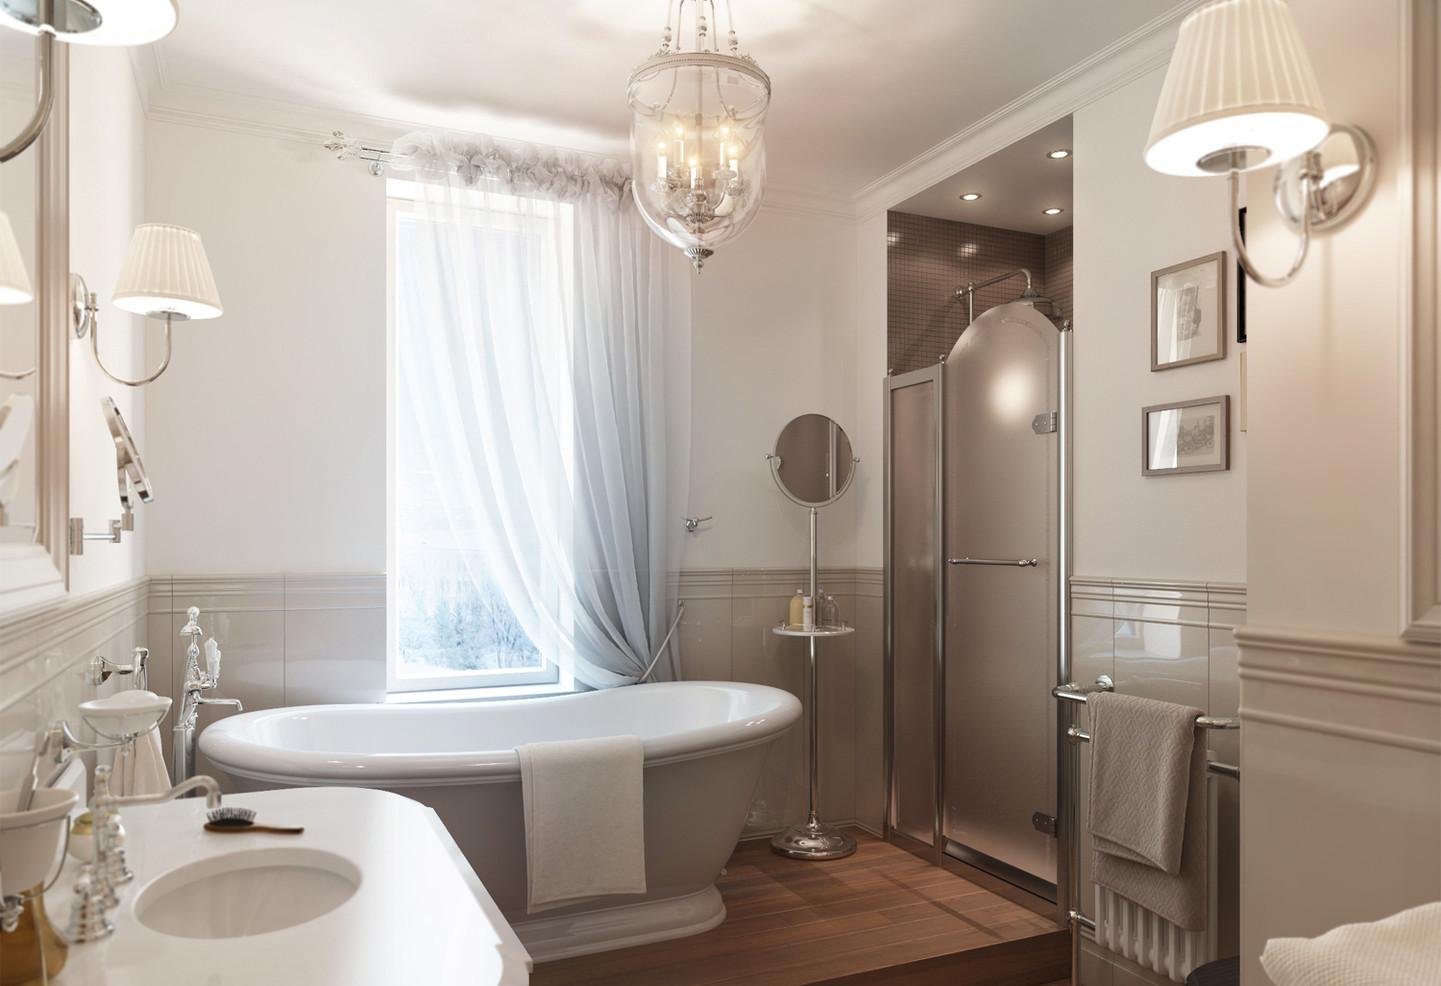 Дизайн ванной с окном фото 2015 современные идеи